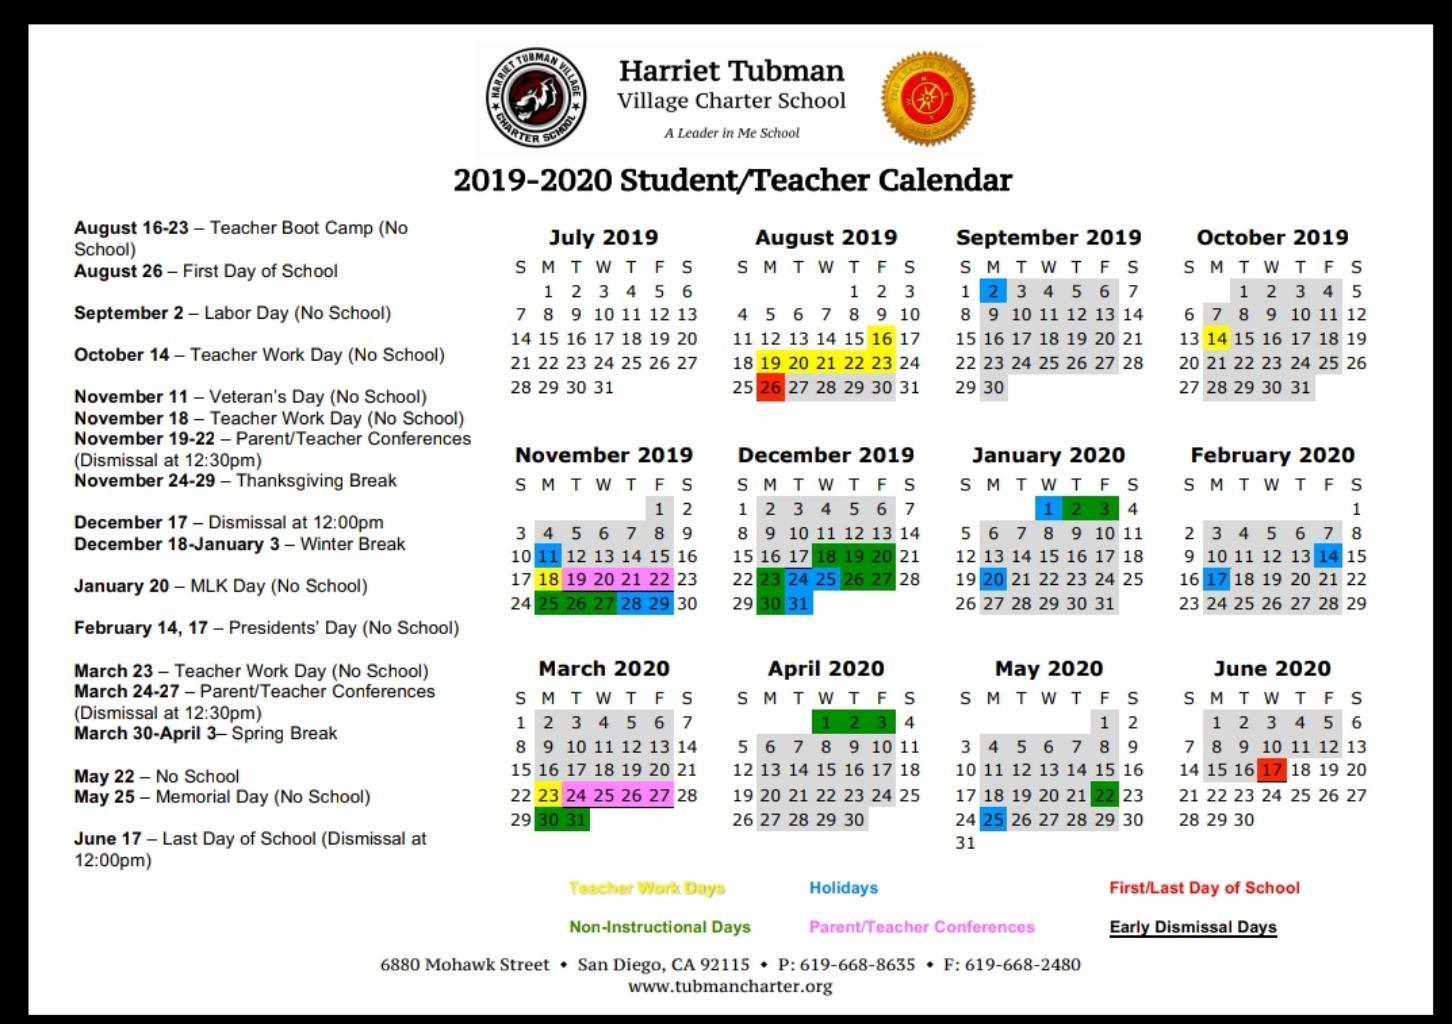 School Year Calendar 2019 20 – School Year Calendar 2019 20 Within San Diego City College Caendar